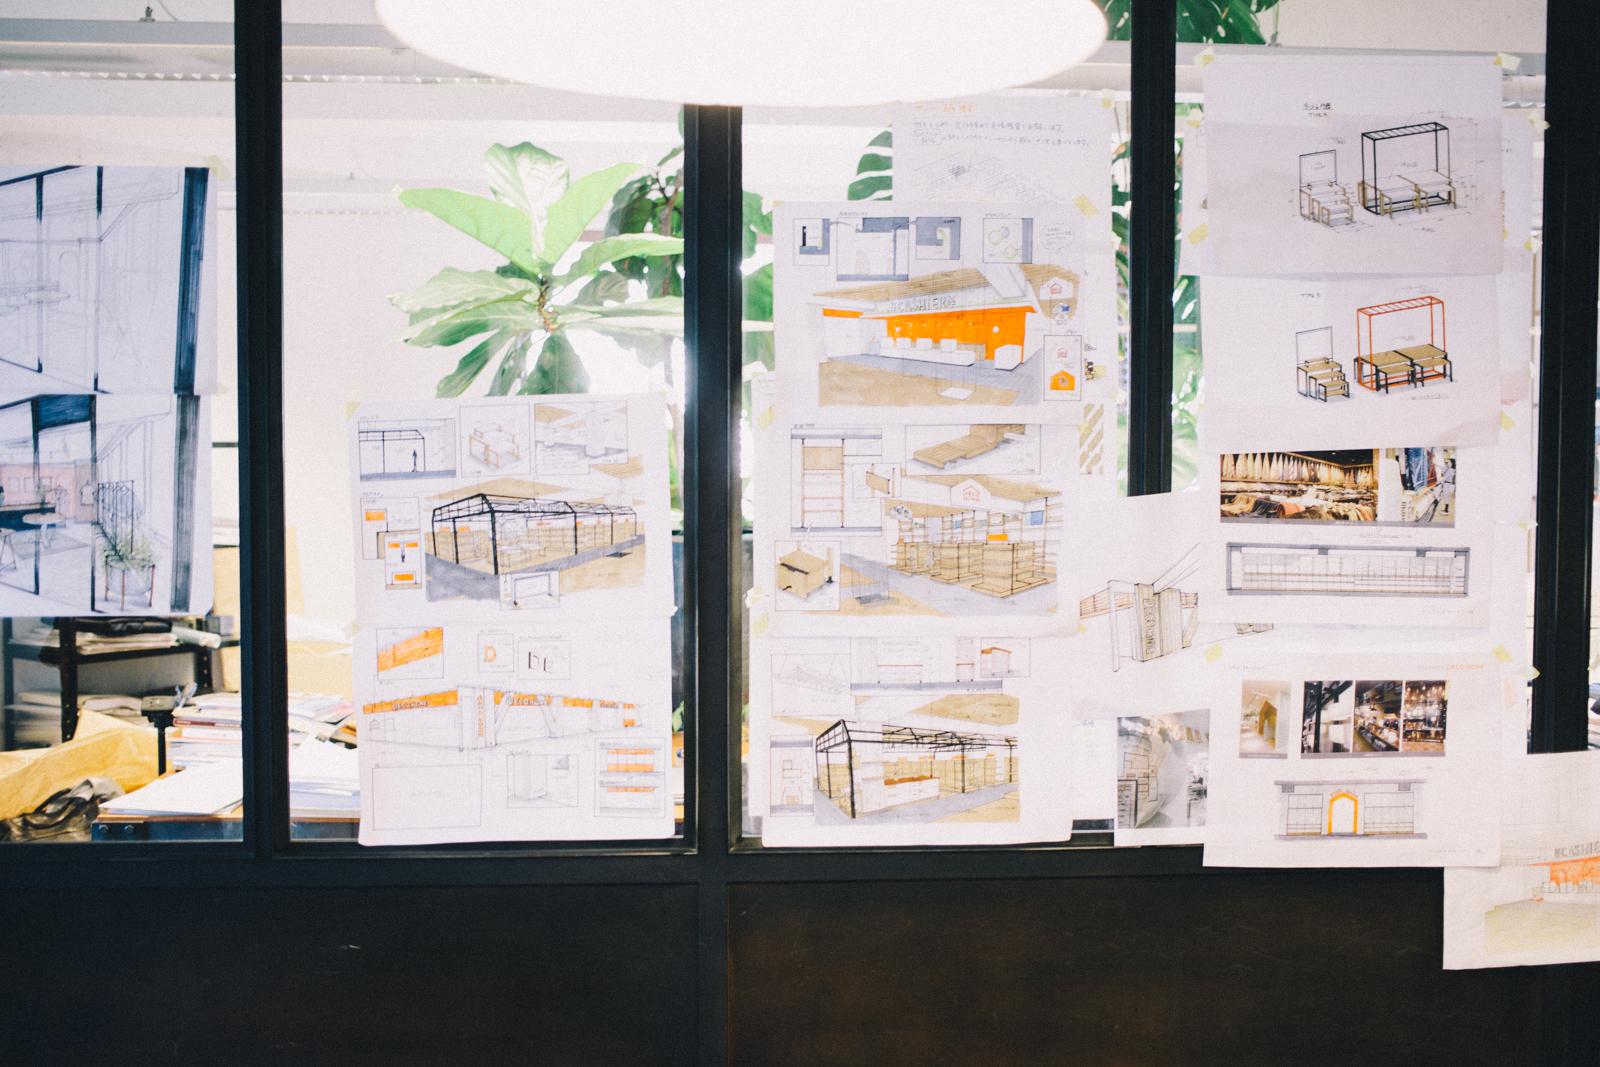 代々木上原 ヨーロッパアンティーク家具とクラフト雑貨のSIEBEN 3Fは建築デザインオフィスのTYPESEVEN